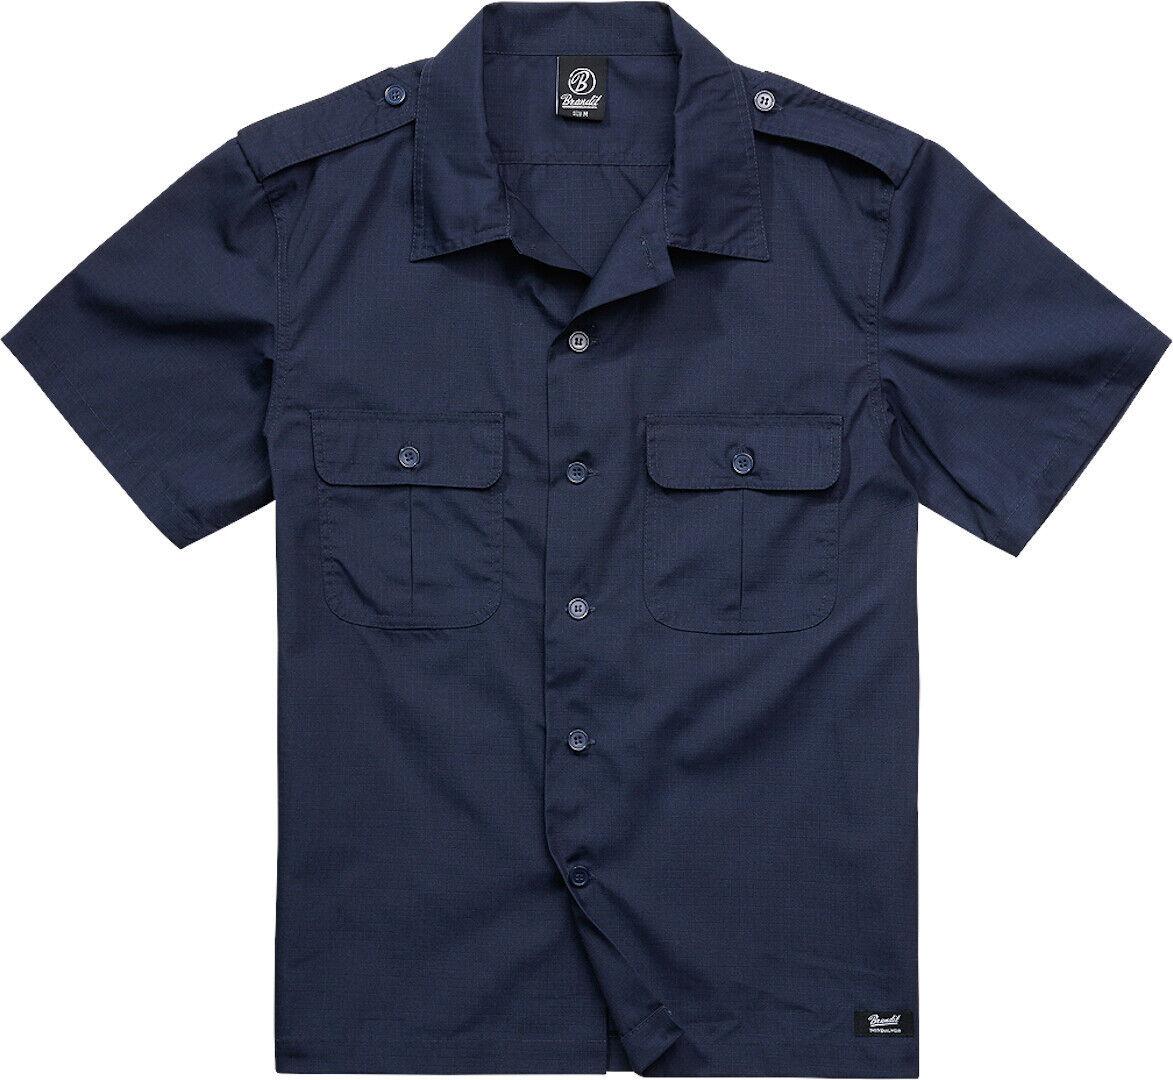 Brandit US Ripstop Paita  - Sininen - Size: 3XL